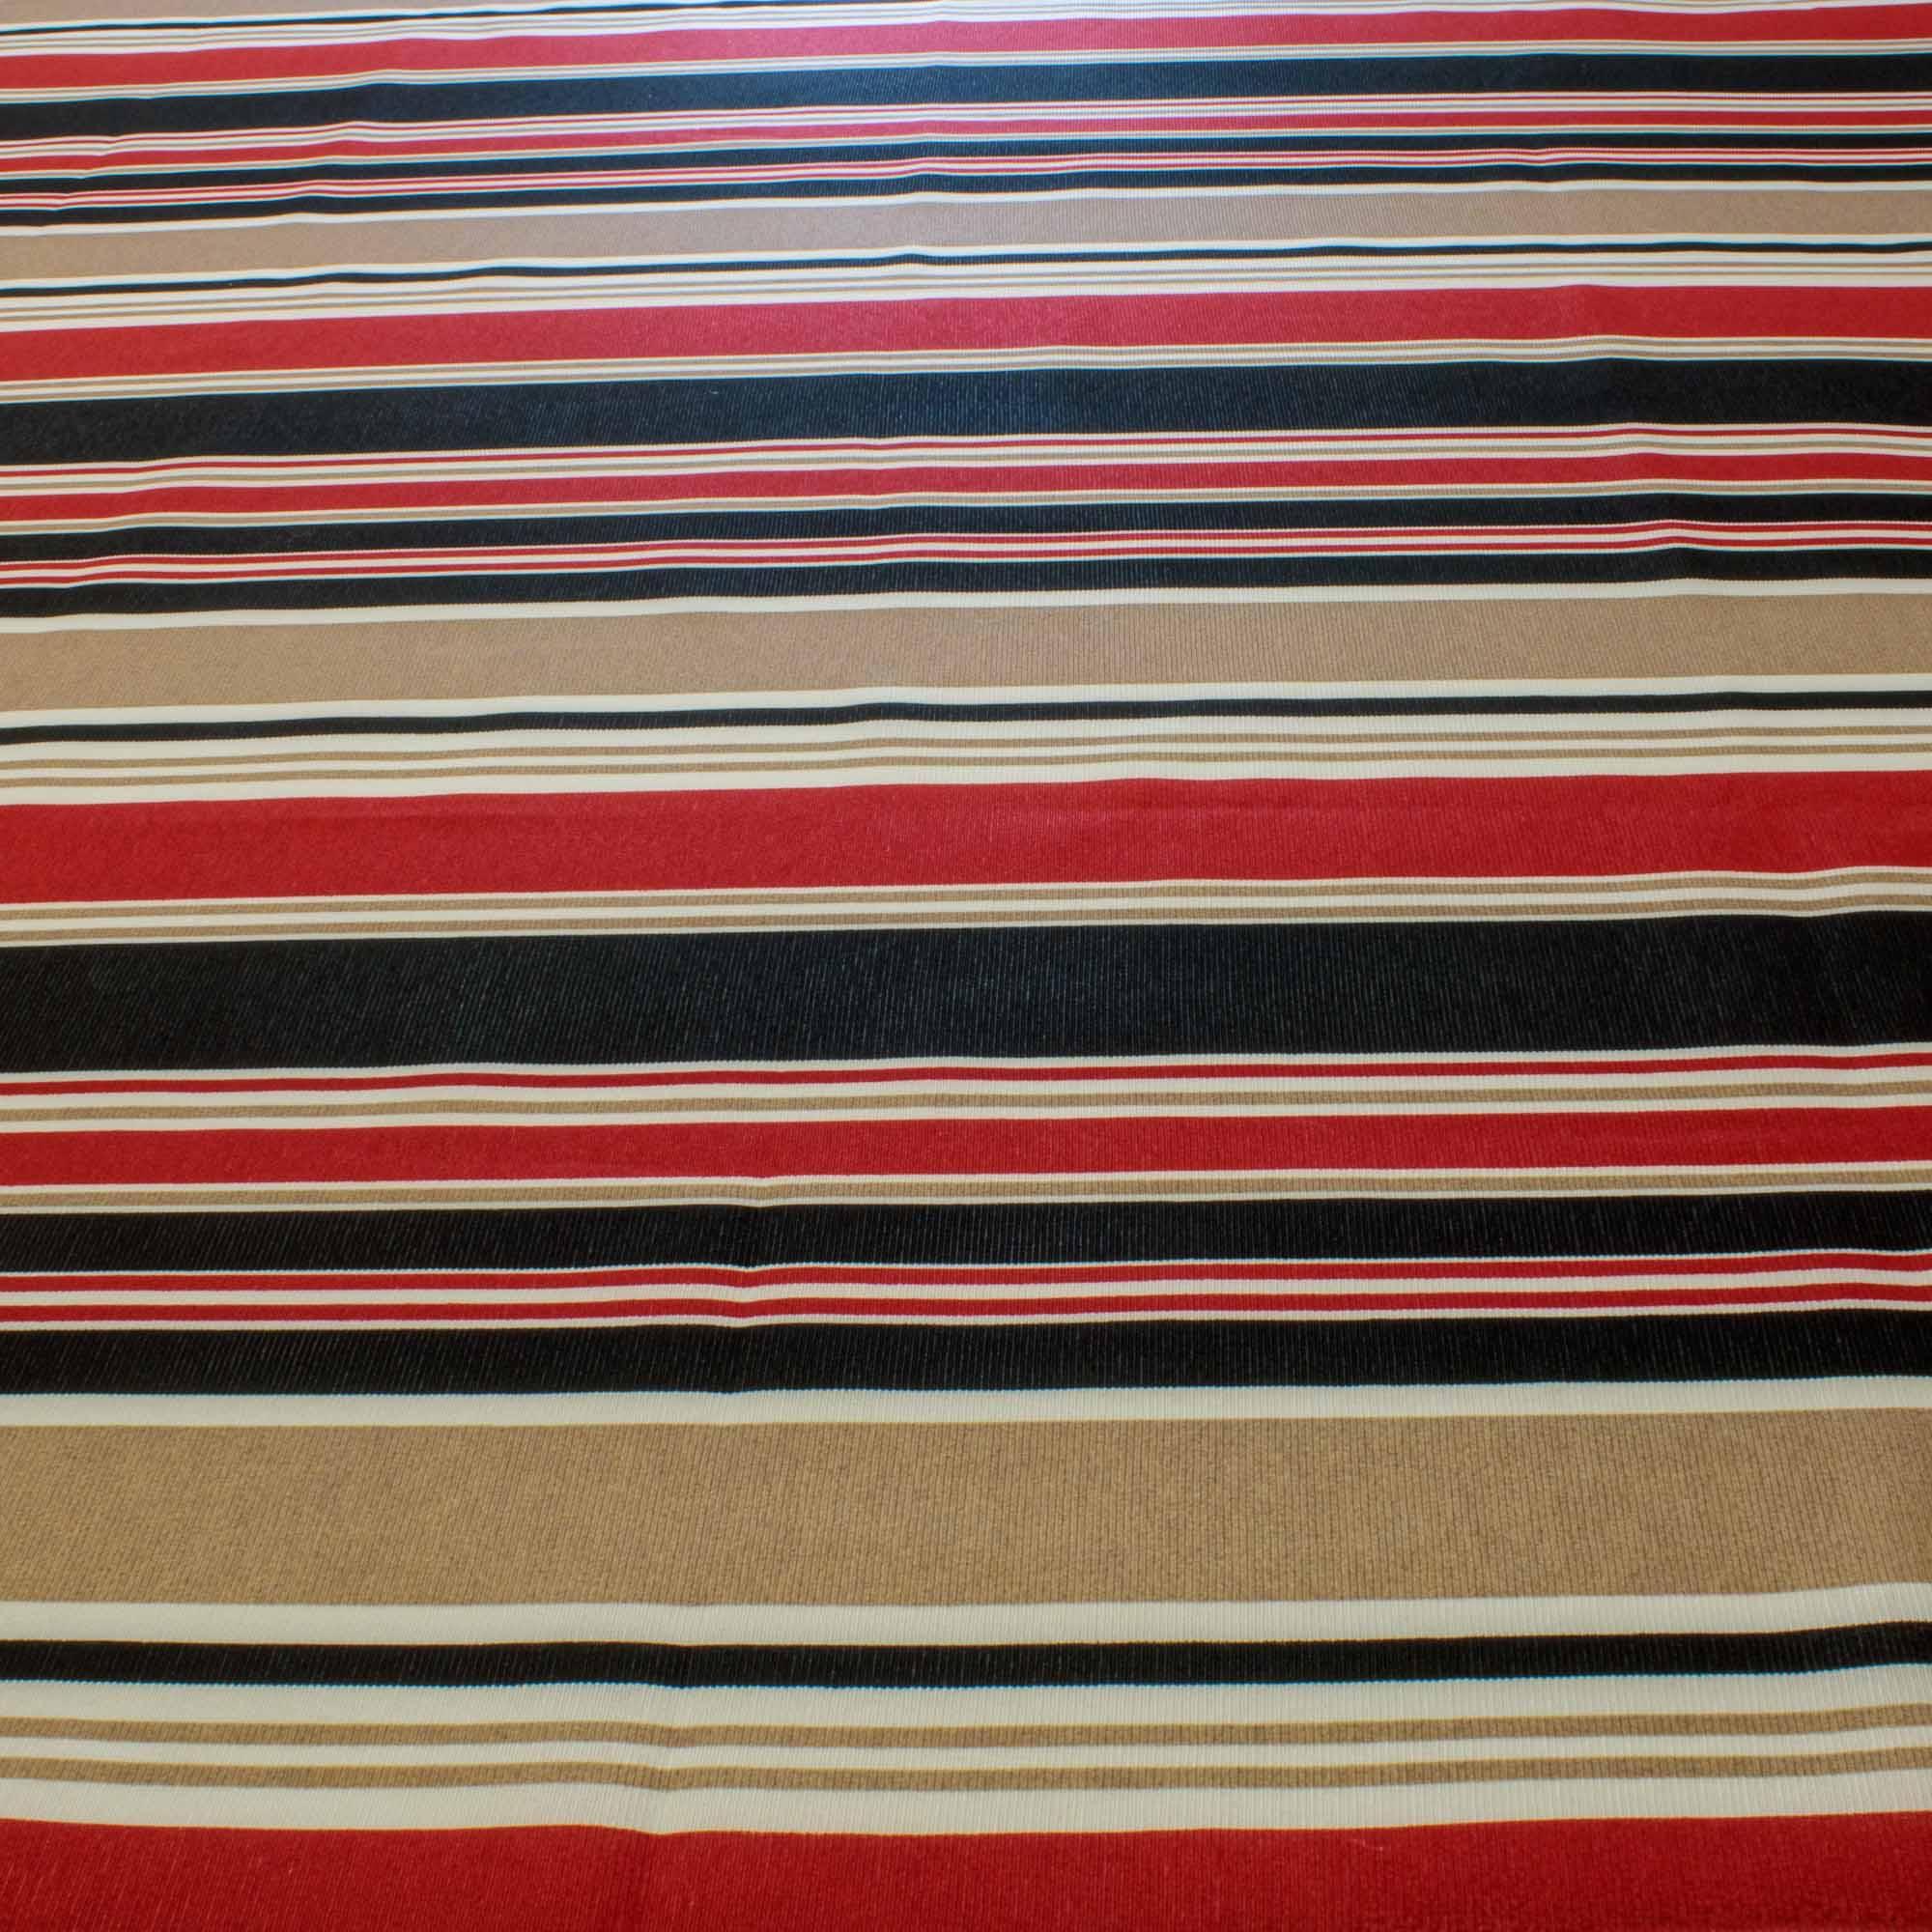 Tecido Gorgurinho Estampado Listrado 1,50 m Largura Vermelho